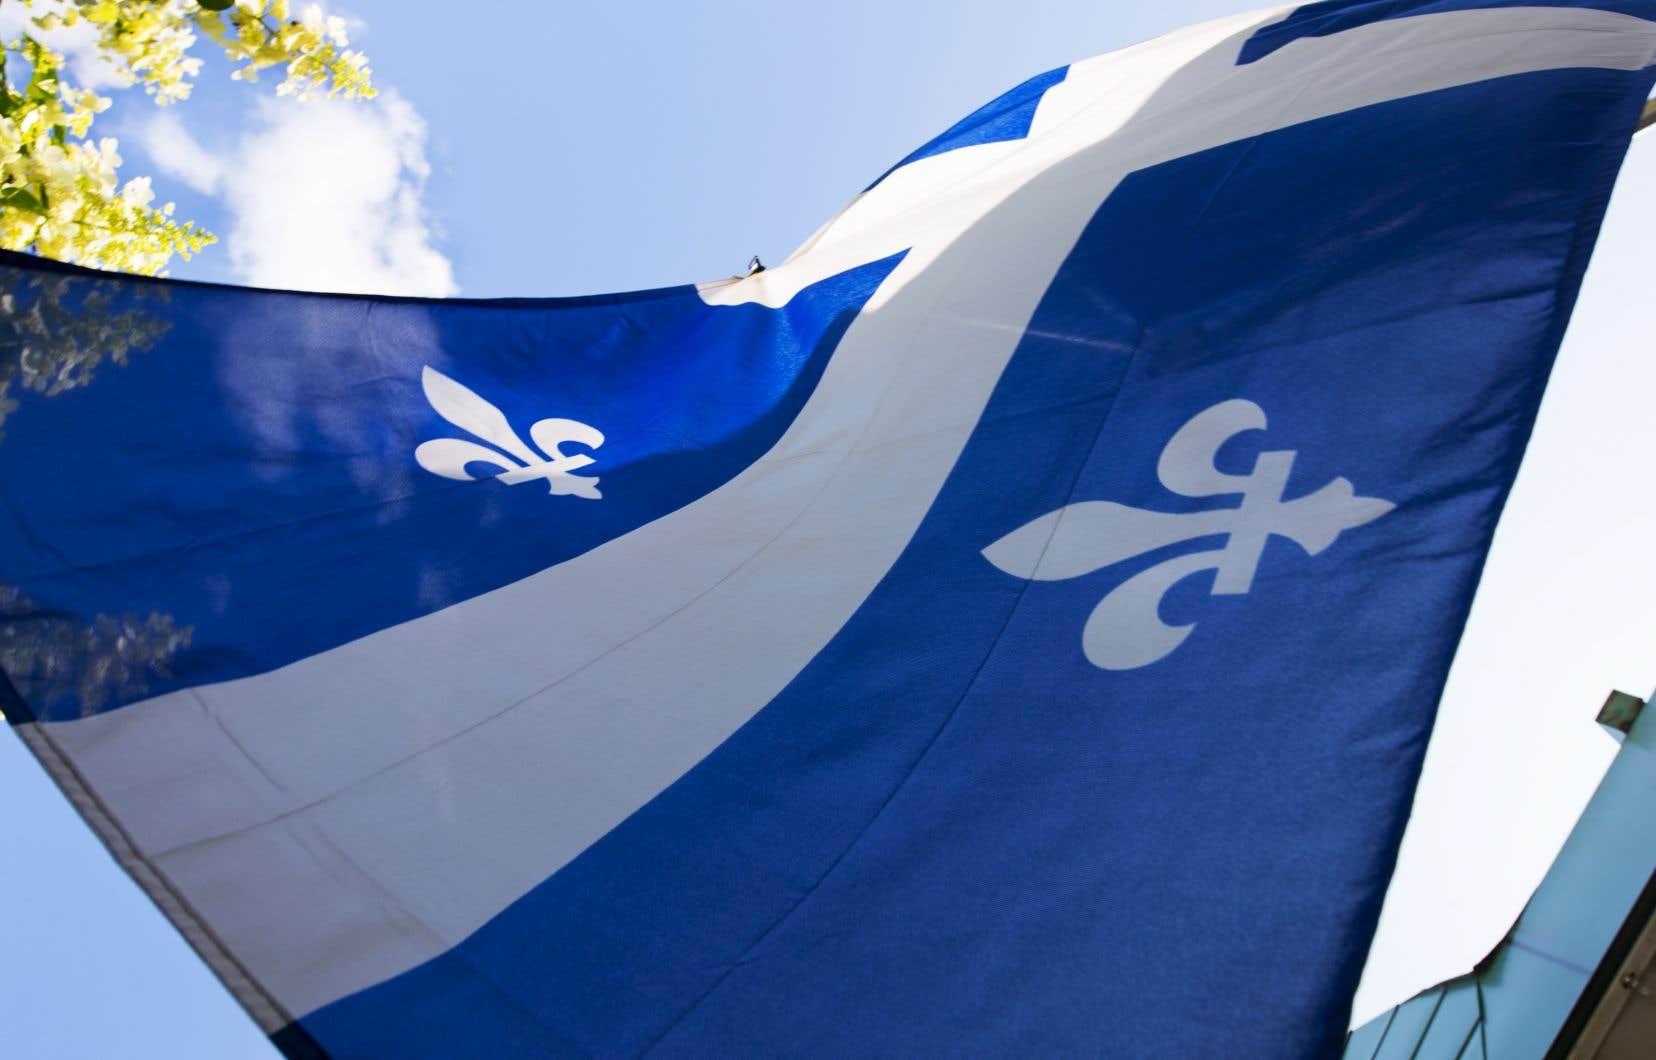 «Le Québec n'a pas besoin d'une diminution des seuils d'admission, mais bien d'une meilleure segmentation de ses immigrants, plus granulaire et qui tient compte de leur parcours migratoire», écrivent les auteurs.